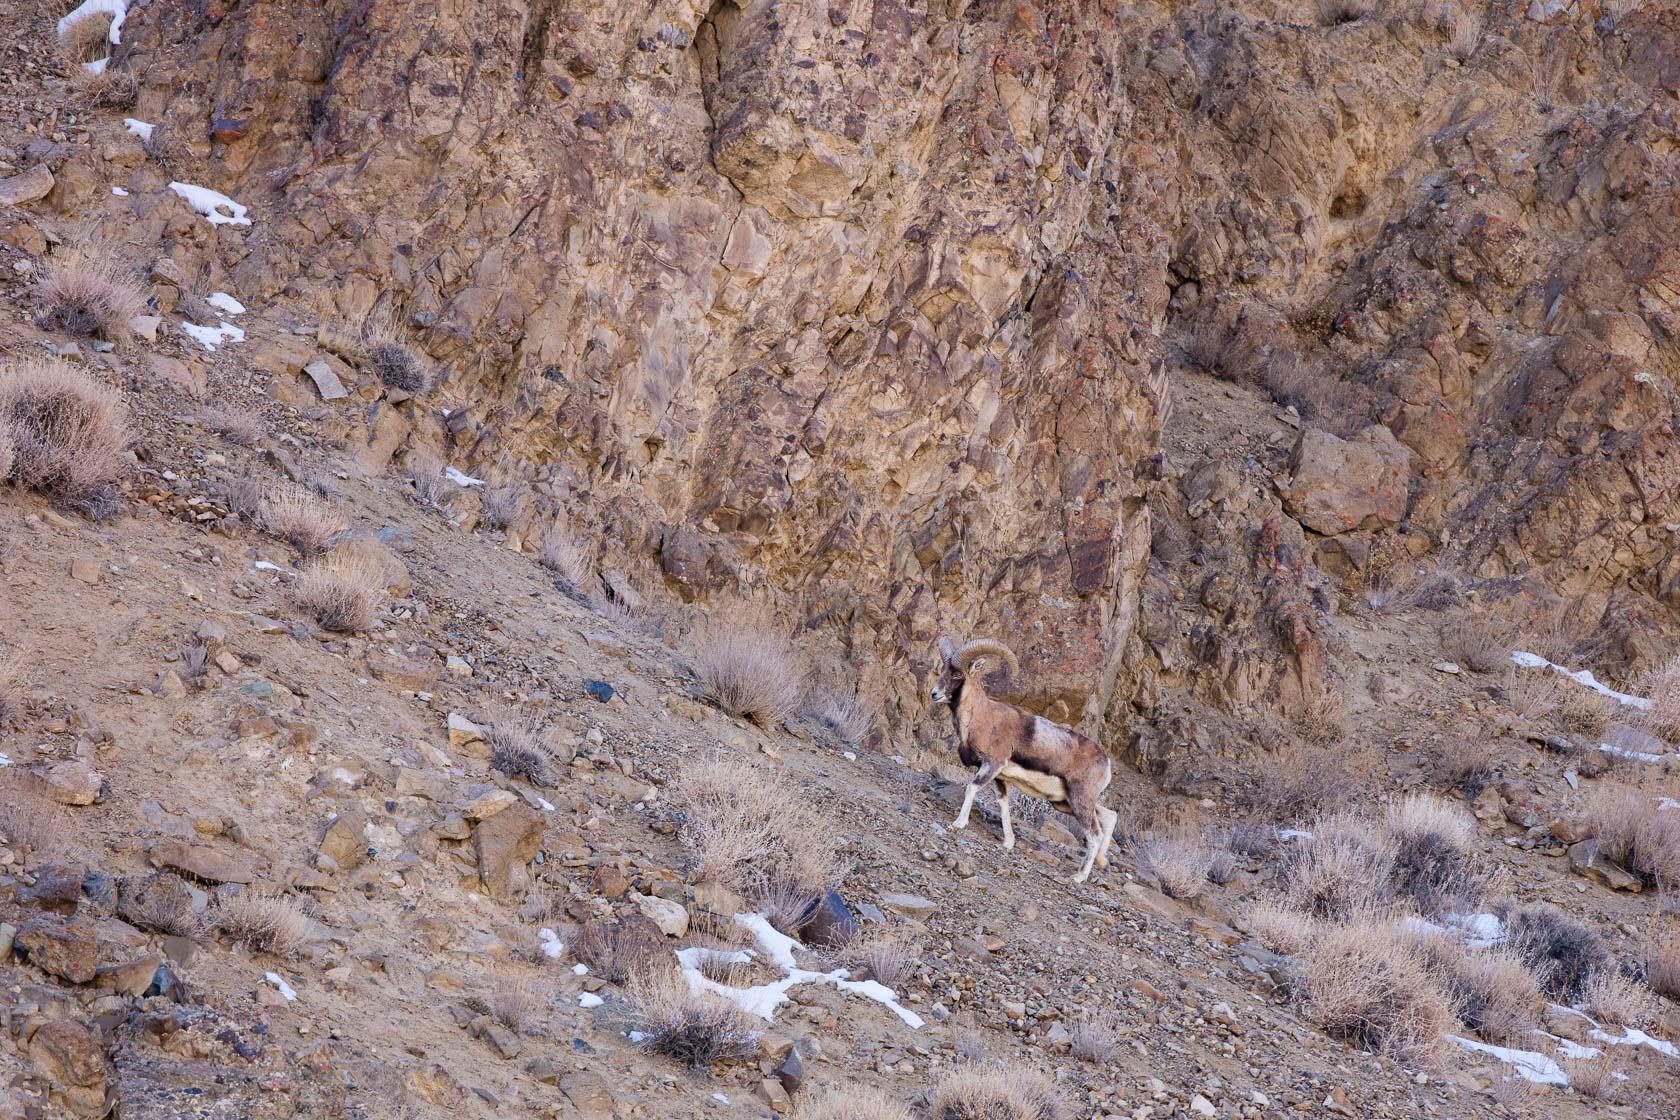 Urial du Ladakh male (Ovis vignei) dans la vallée du Sham, au ladakh, en Inde